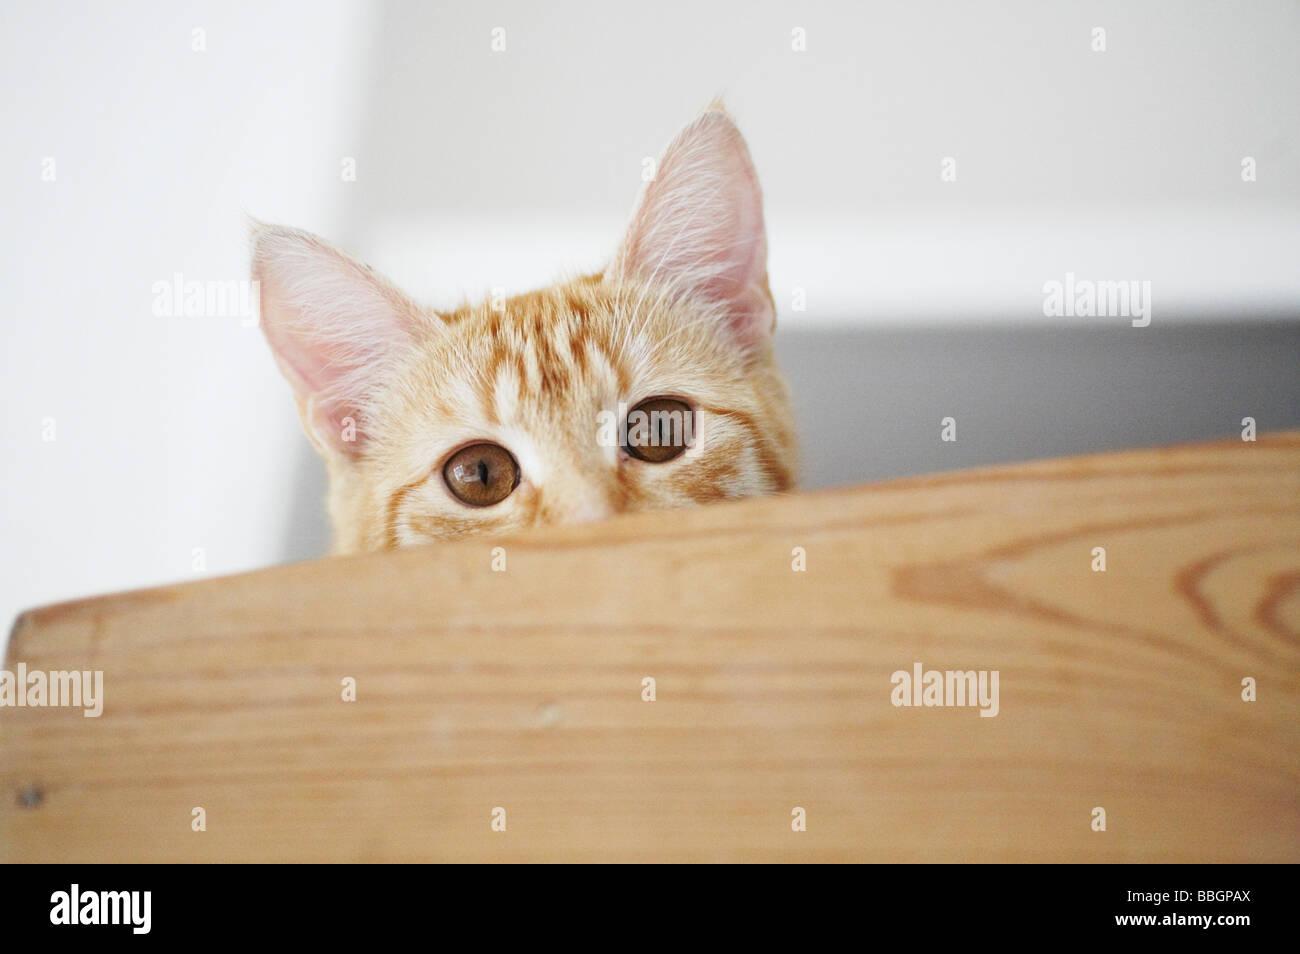 freche freche Katze Kätzchen Verstecken spielen Versteckspiel Ingwer Haustier tabby Stockbild